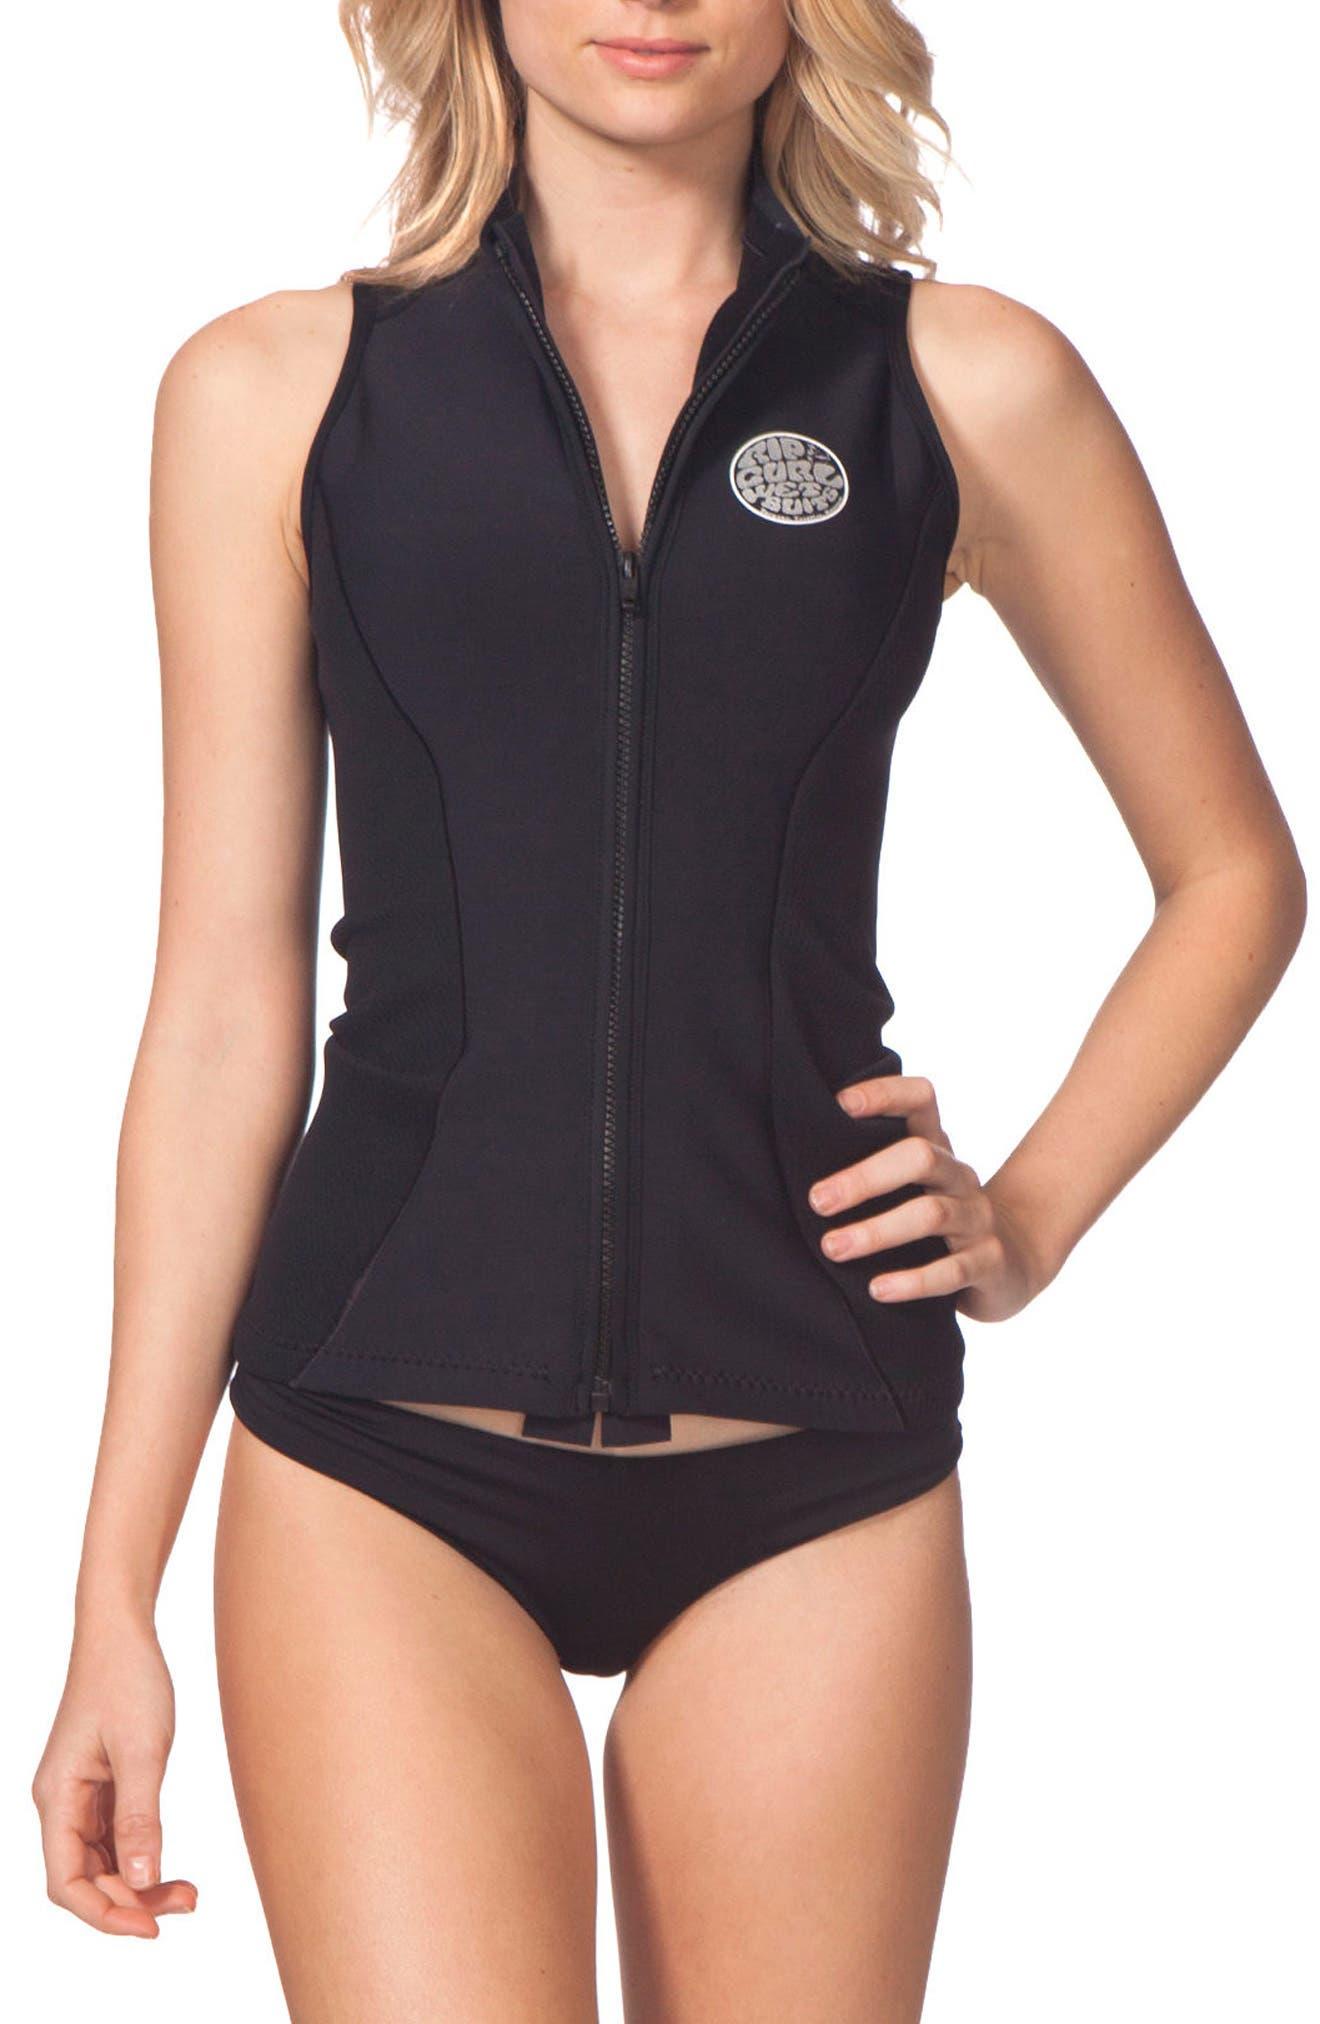 G-Bomb Wetsuit Vest,                             Main thumbnail 1, color,                             001